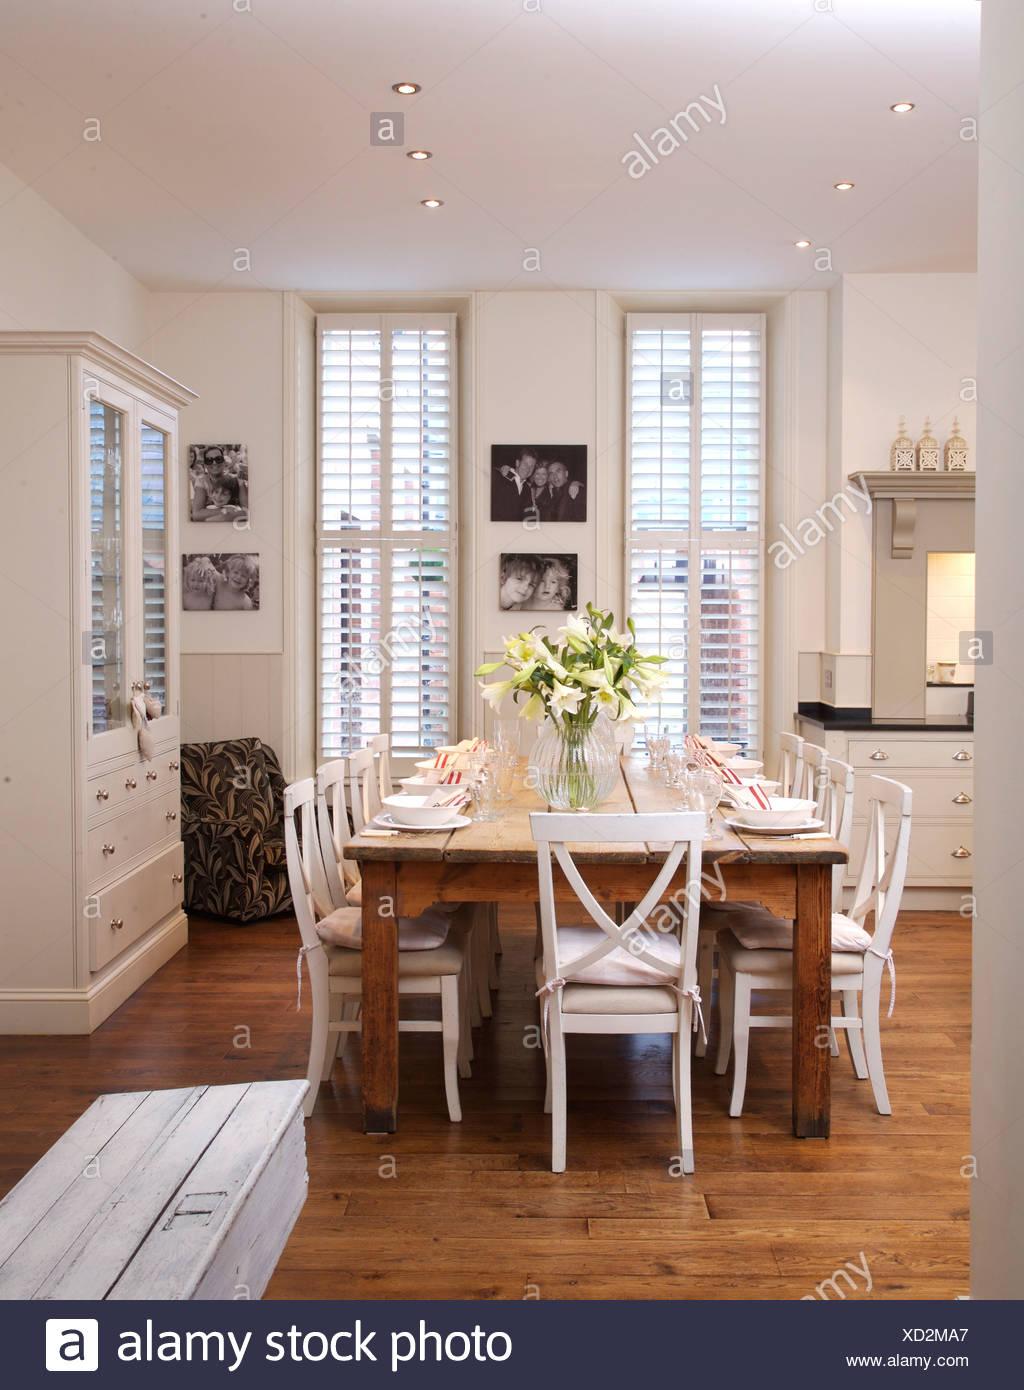 Chaises Blanches à Table Simple En Bois Blanc Moderne En Cuisine Salle à  Manger Avec Parquet En Bois Et Des Volets Blanc